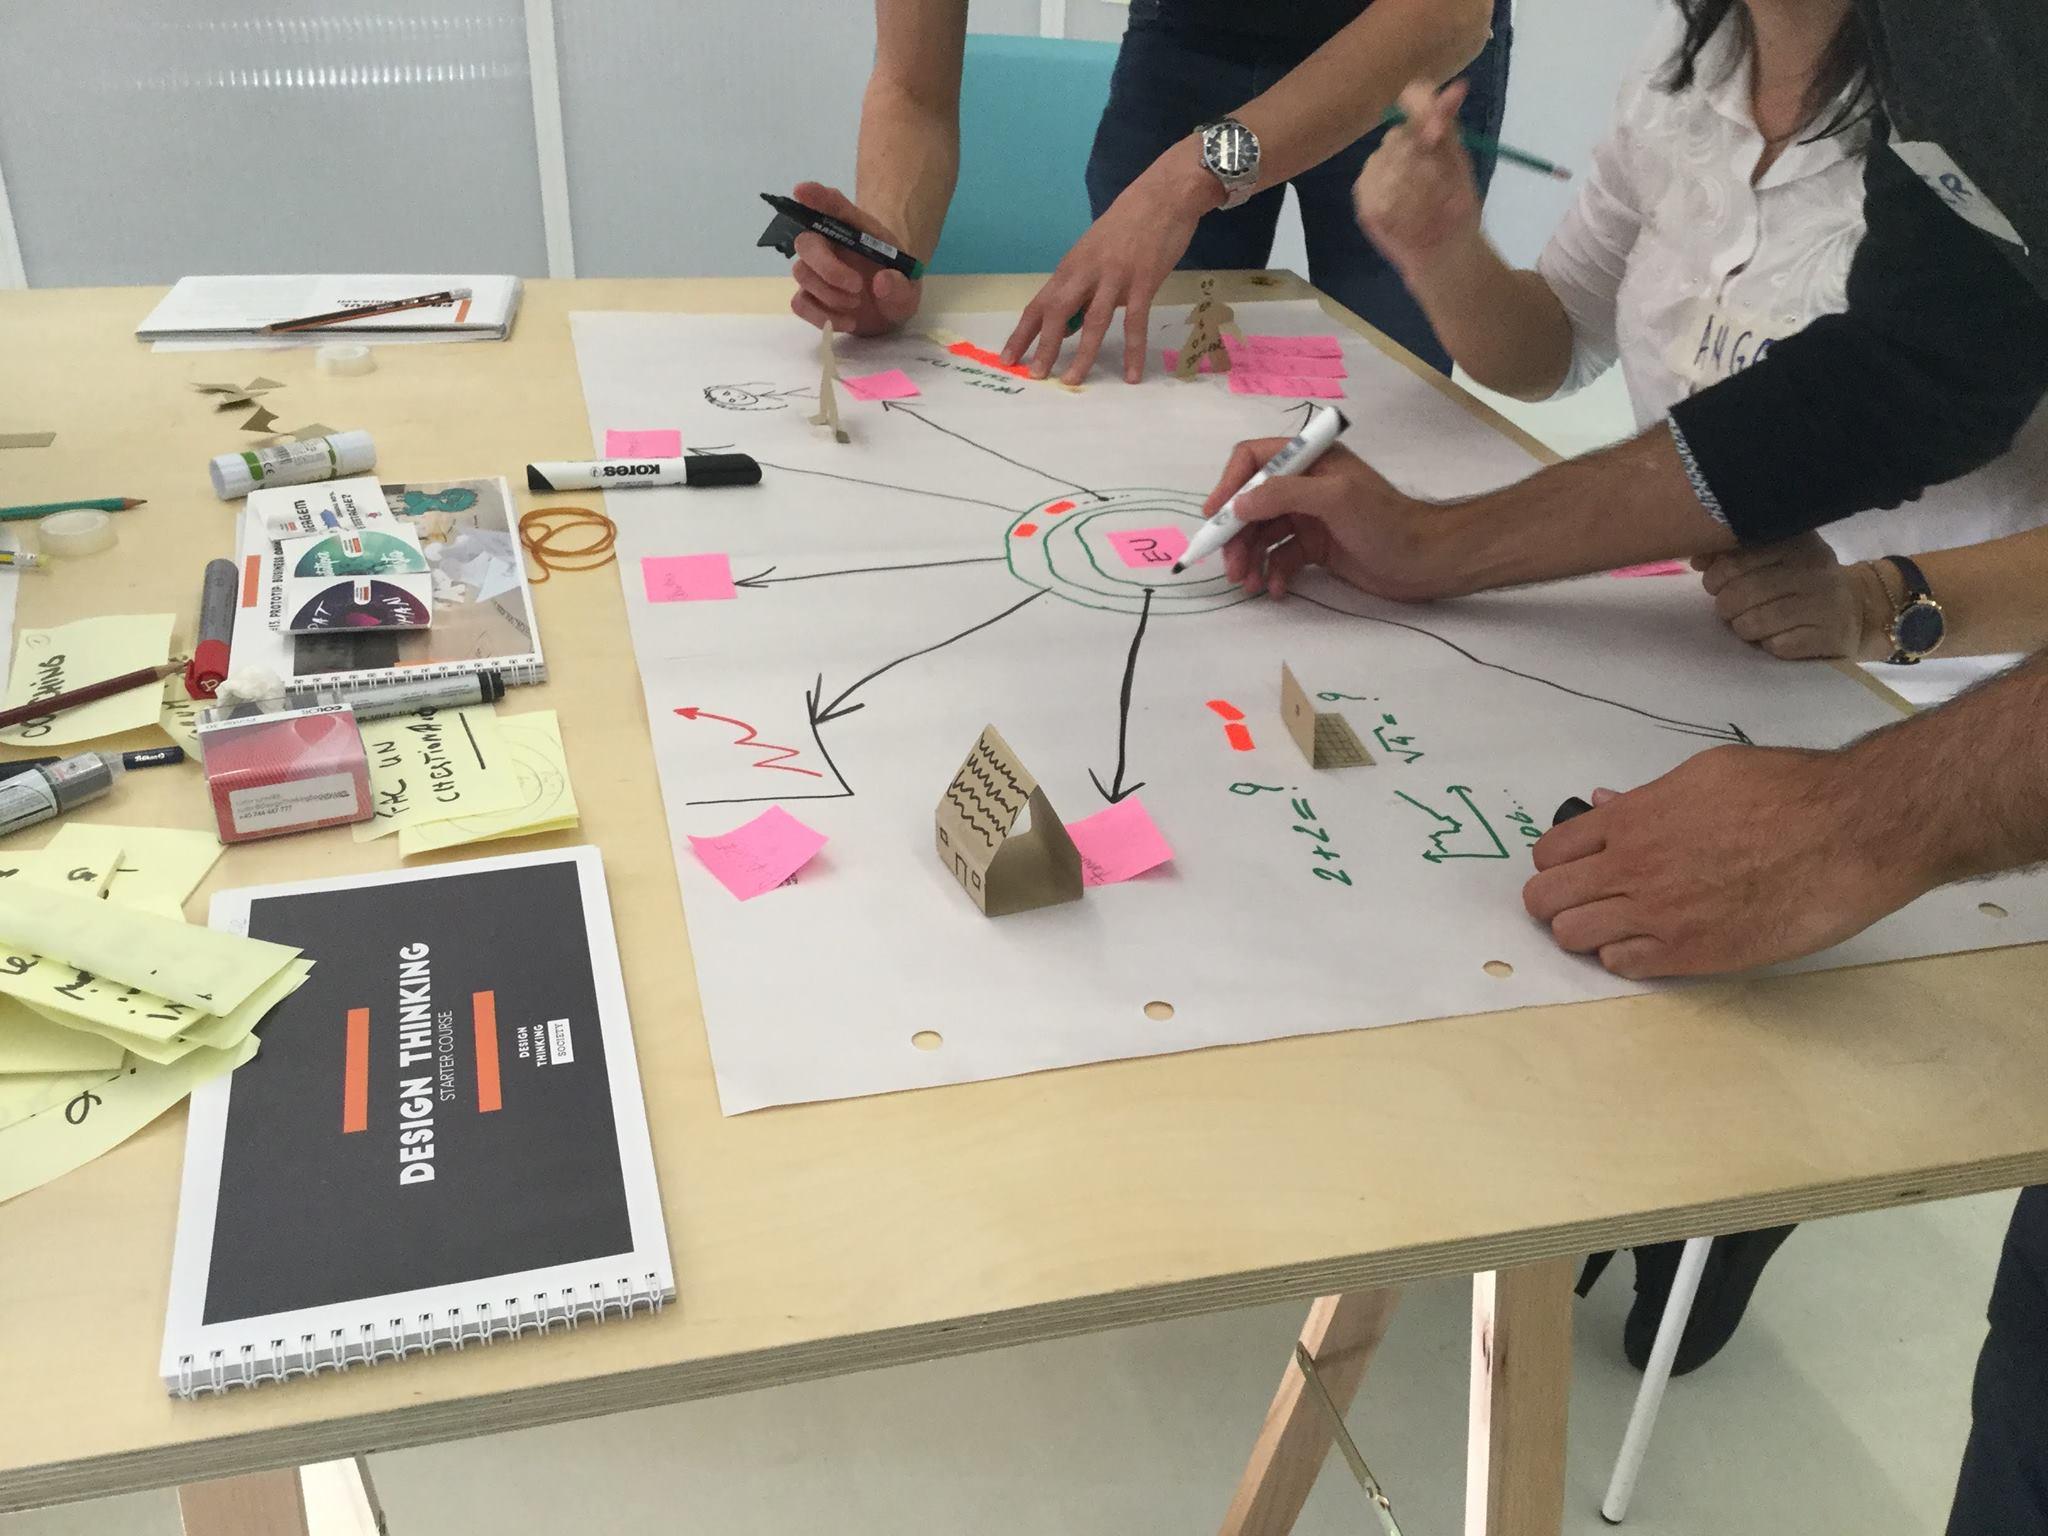 Design Thinking Starter Workshop